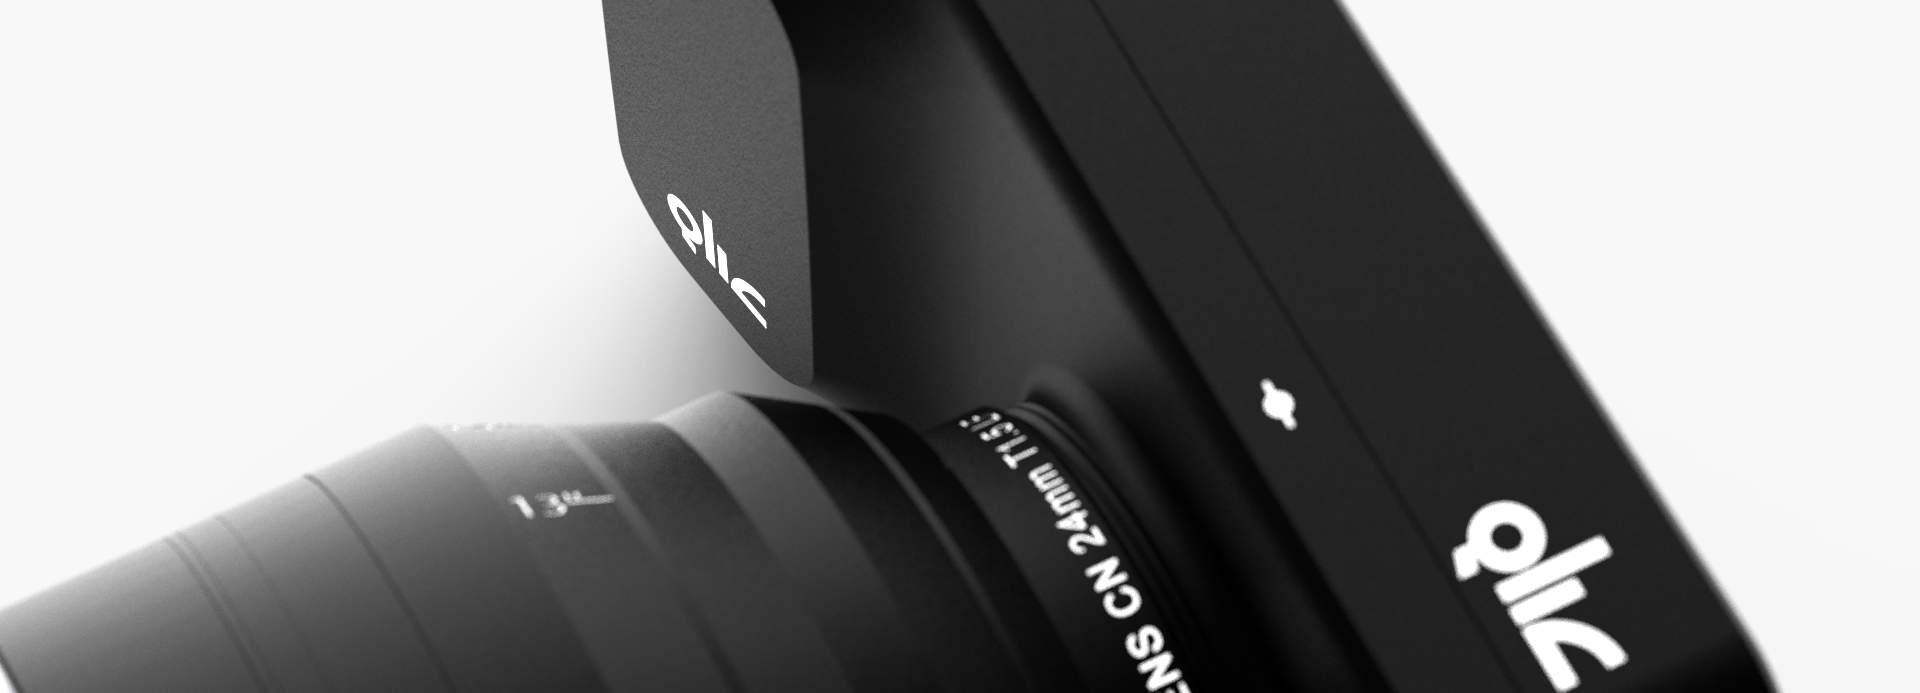 Qlic Camera